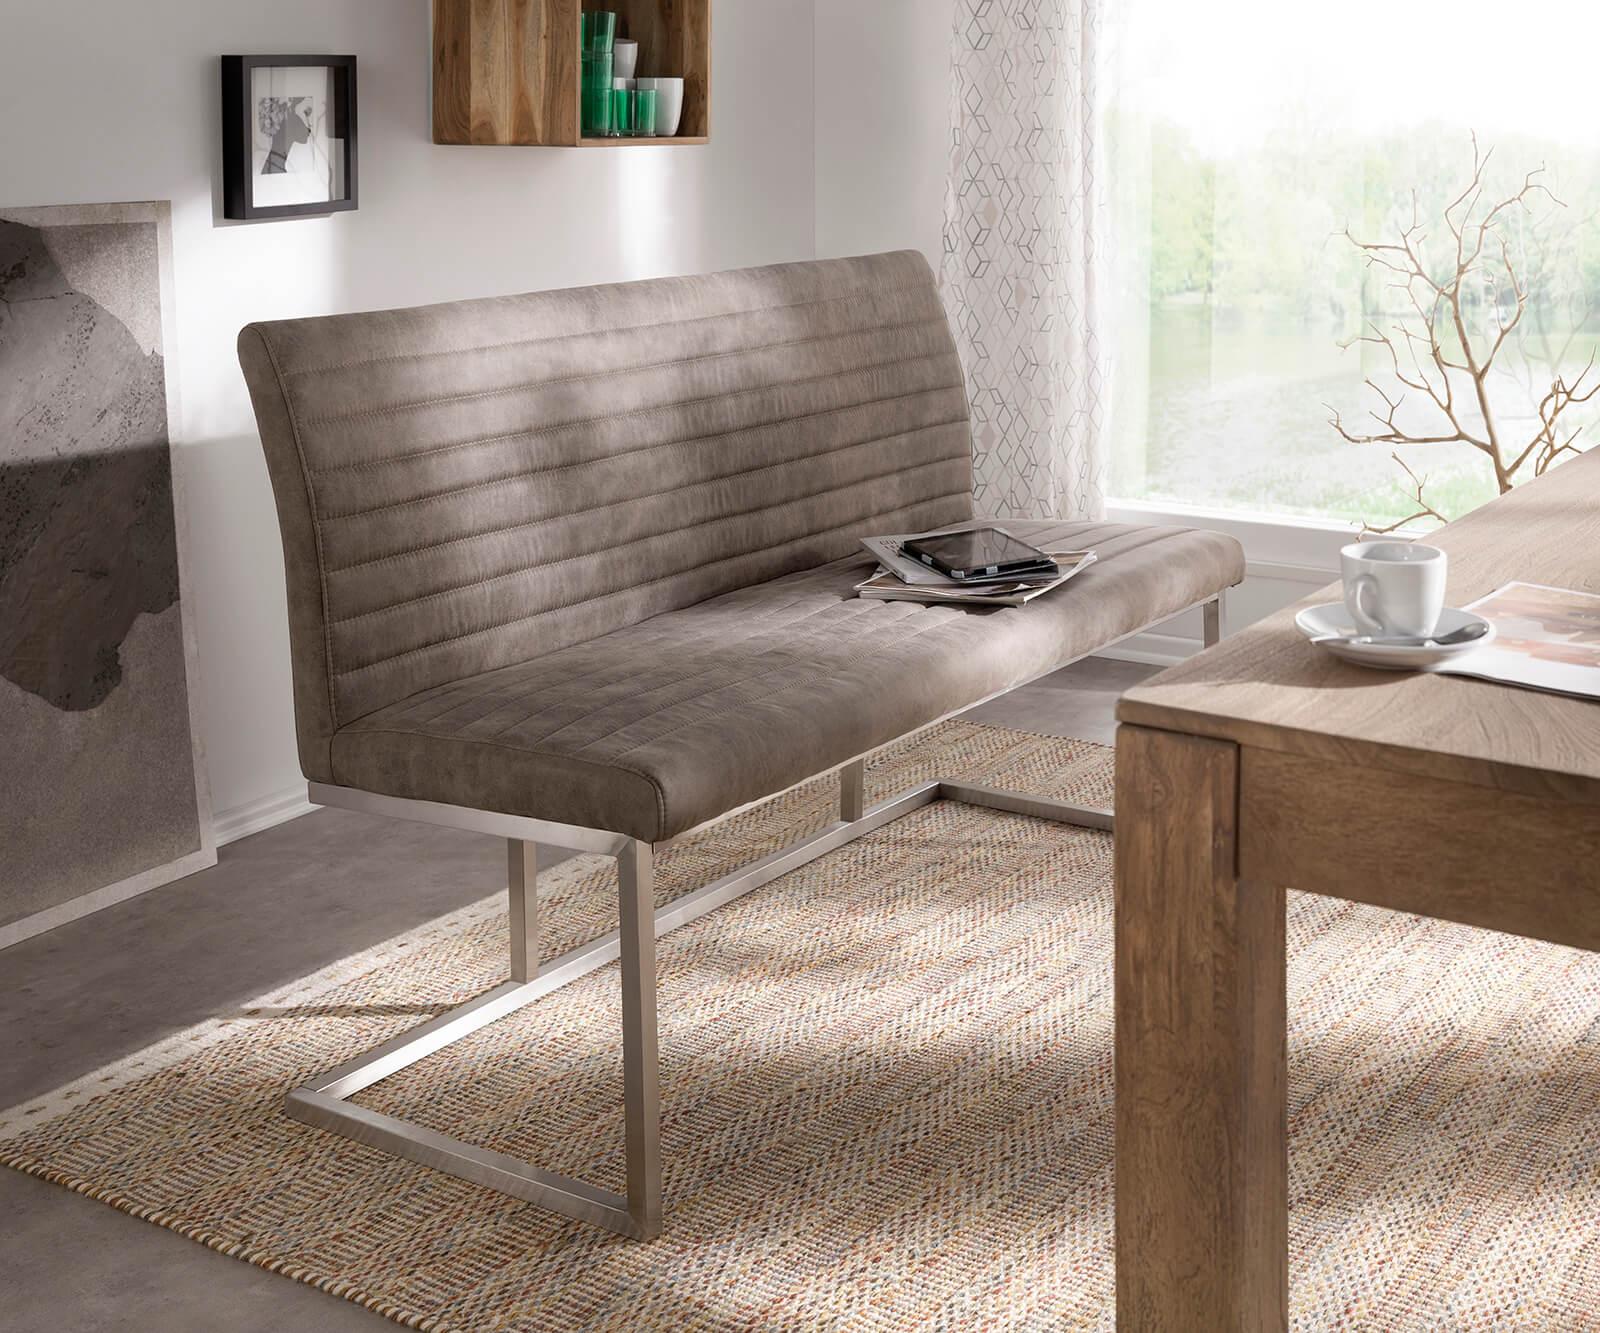 Sitzbank 140 Cm : sitzbank earnest 140 cm taupe vintage abgesteppt m bel ~ Watch28wear.com Haus und Dekorationen